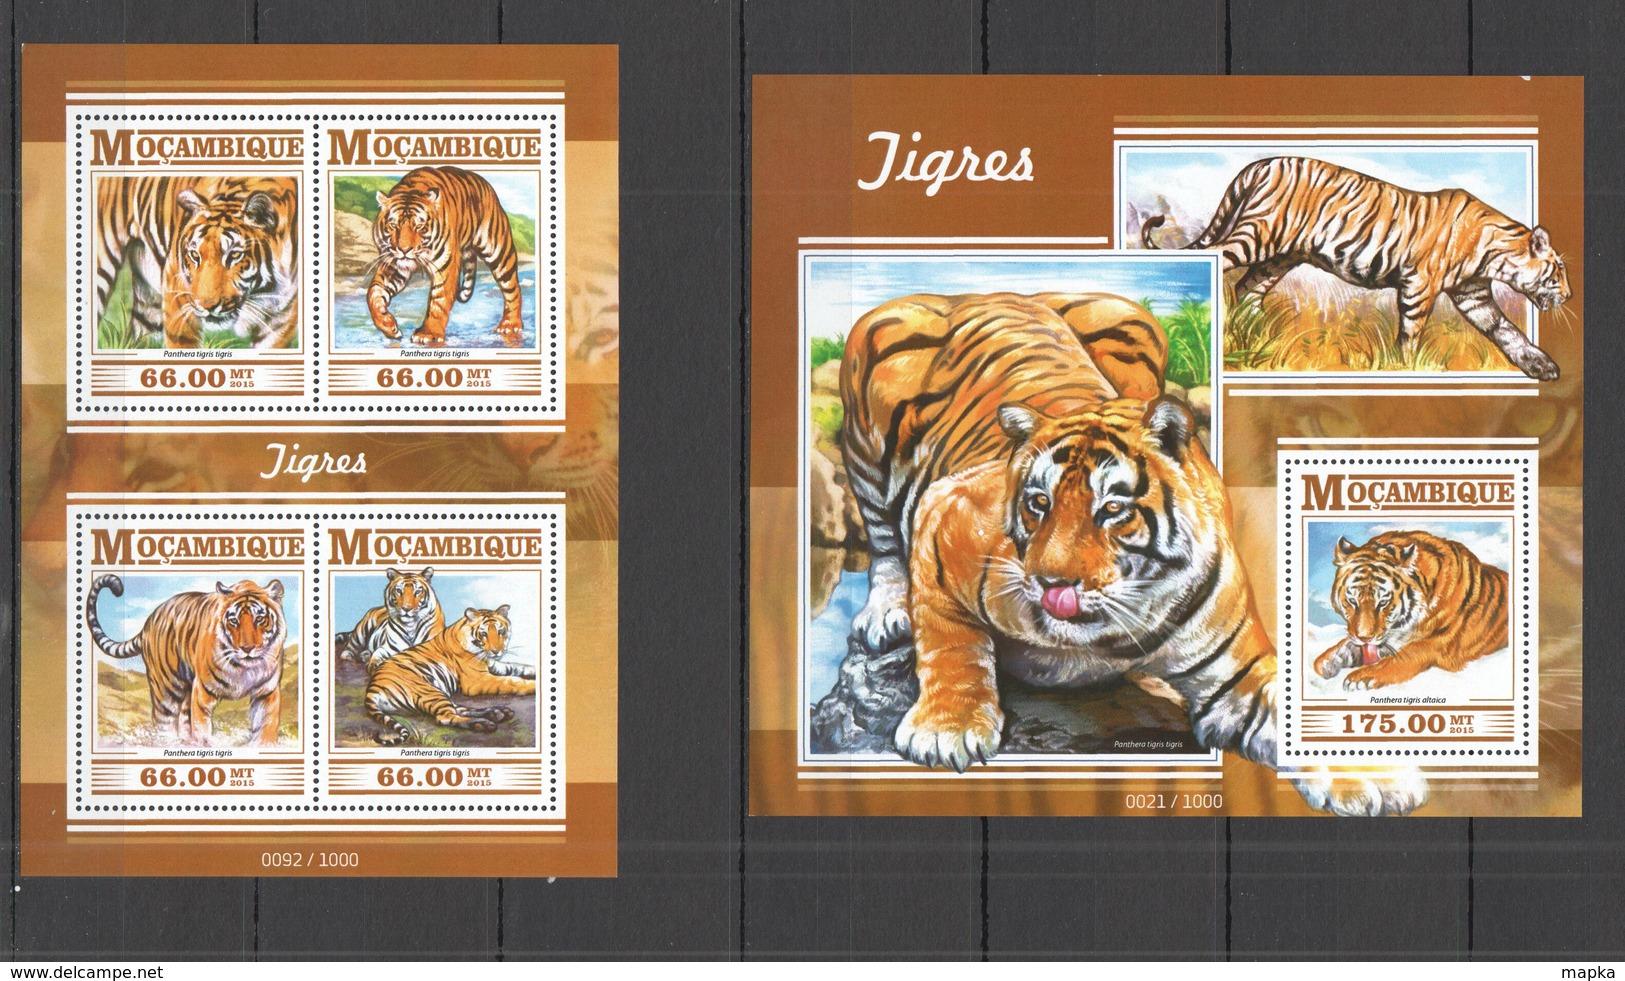 ST2252 2015 MOZAMBIQUE MOCAMBIQUE FAUNA ANIMALS WILD CATS TIGERS TIGRES KB+BL MNH - Big Cats (cats Of Prey)